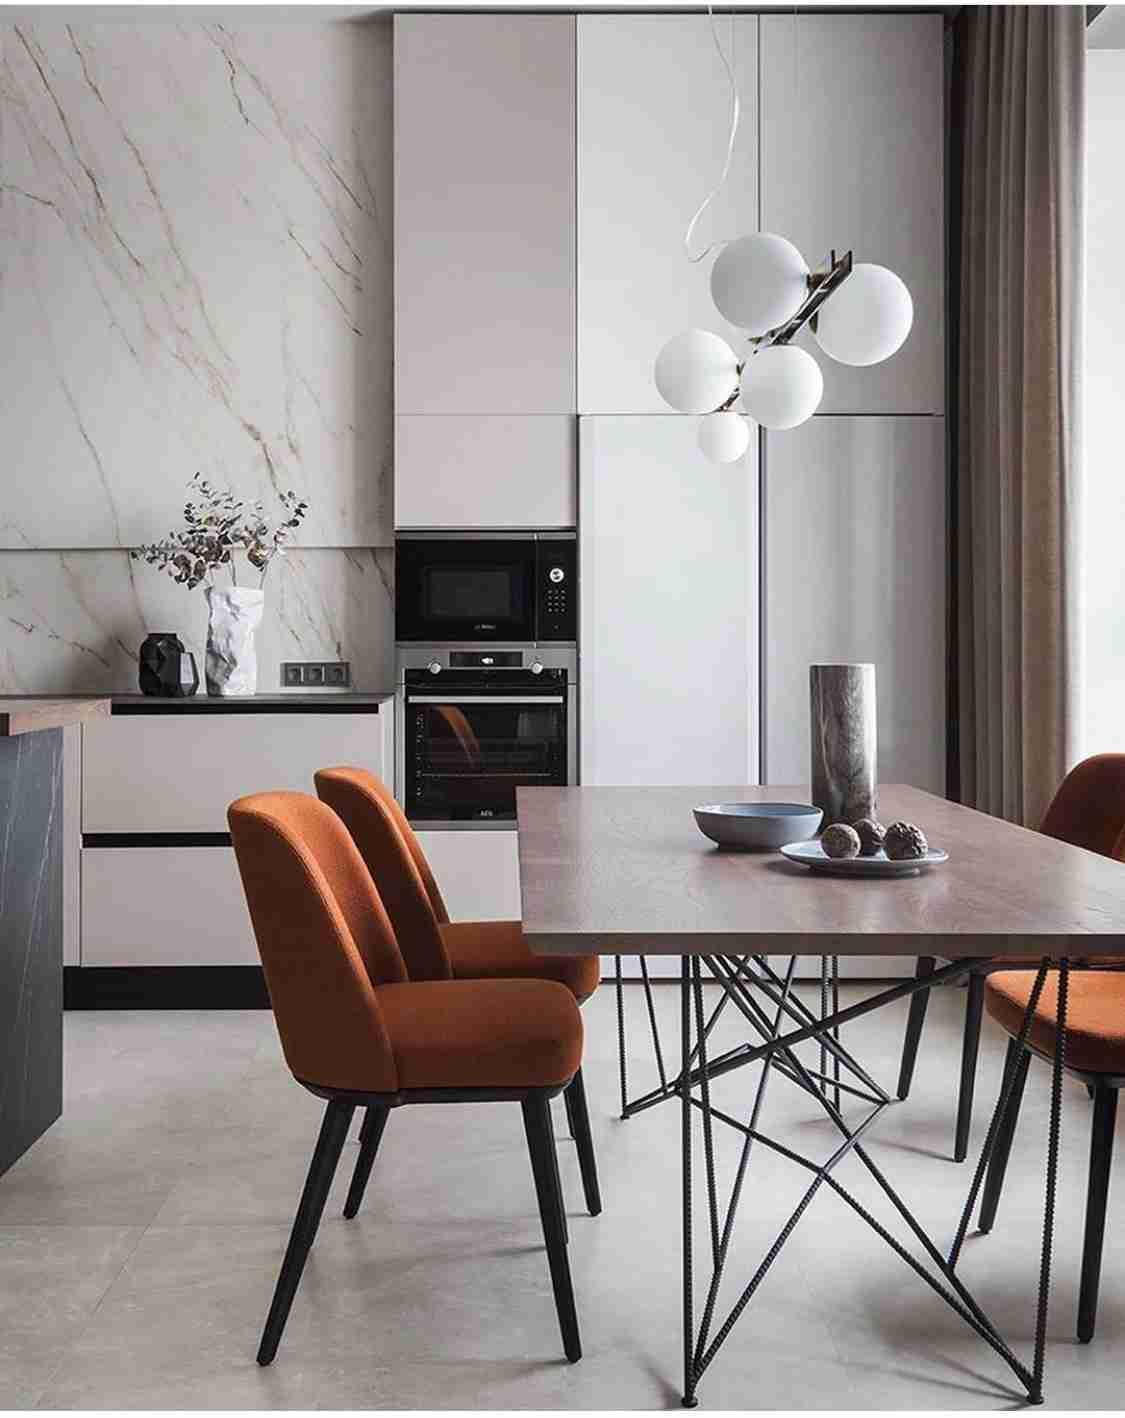 10 Minimalist Dining Room Decor Ideas, Minimalist Dining Room Table